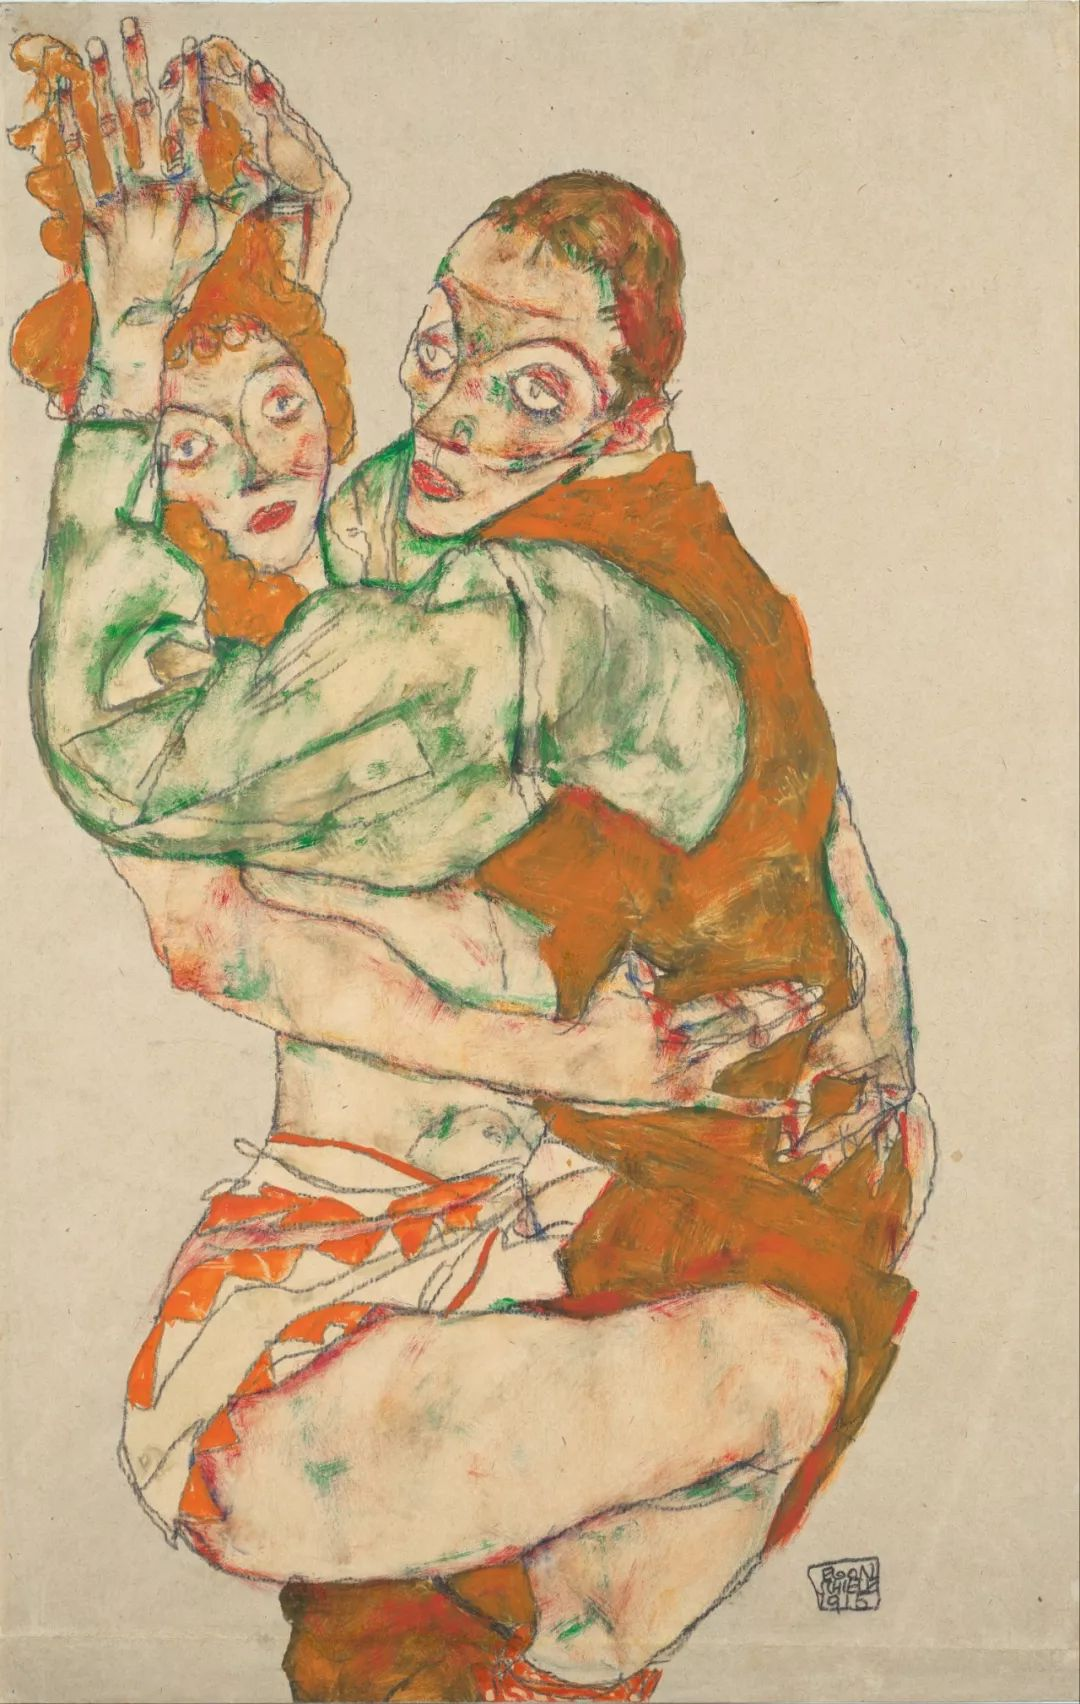 年仅28岁,生前遭受非议,死后却被捧为直逼心灵的艺术家插图119